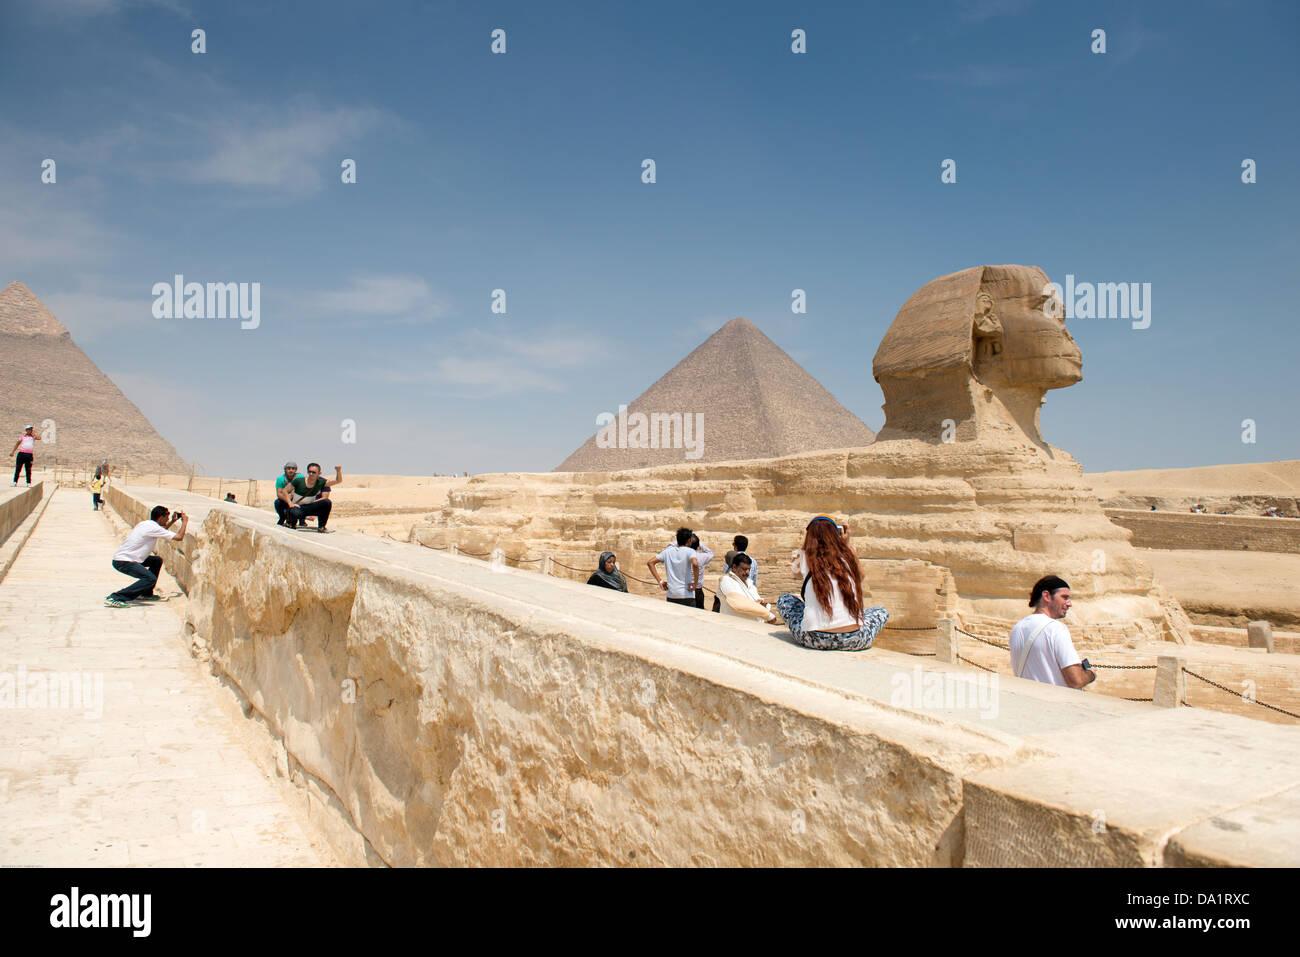 Famosa antica statua della Sfinge di Giza in Egitto. Ogni giorno la folla di turisti vanno a vedere la Sfinge di Immagini Stock